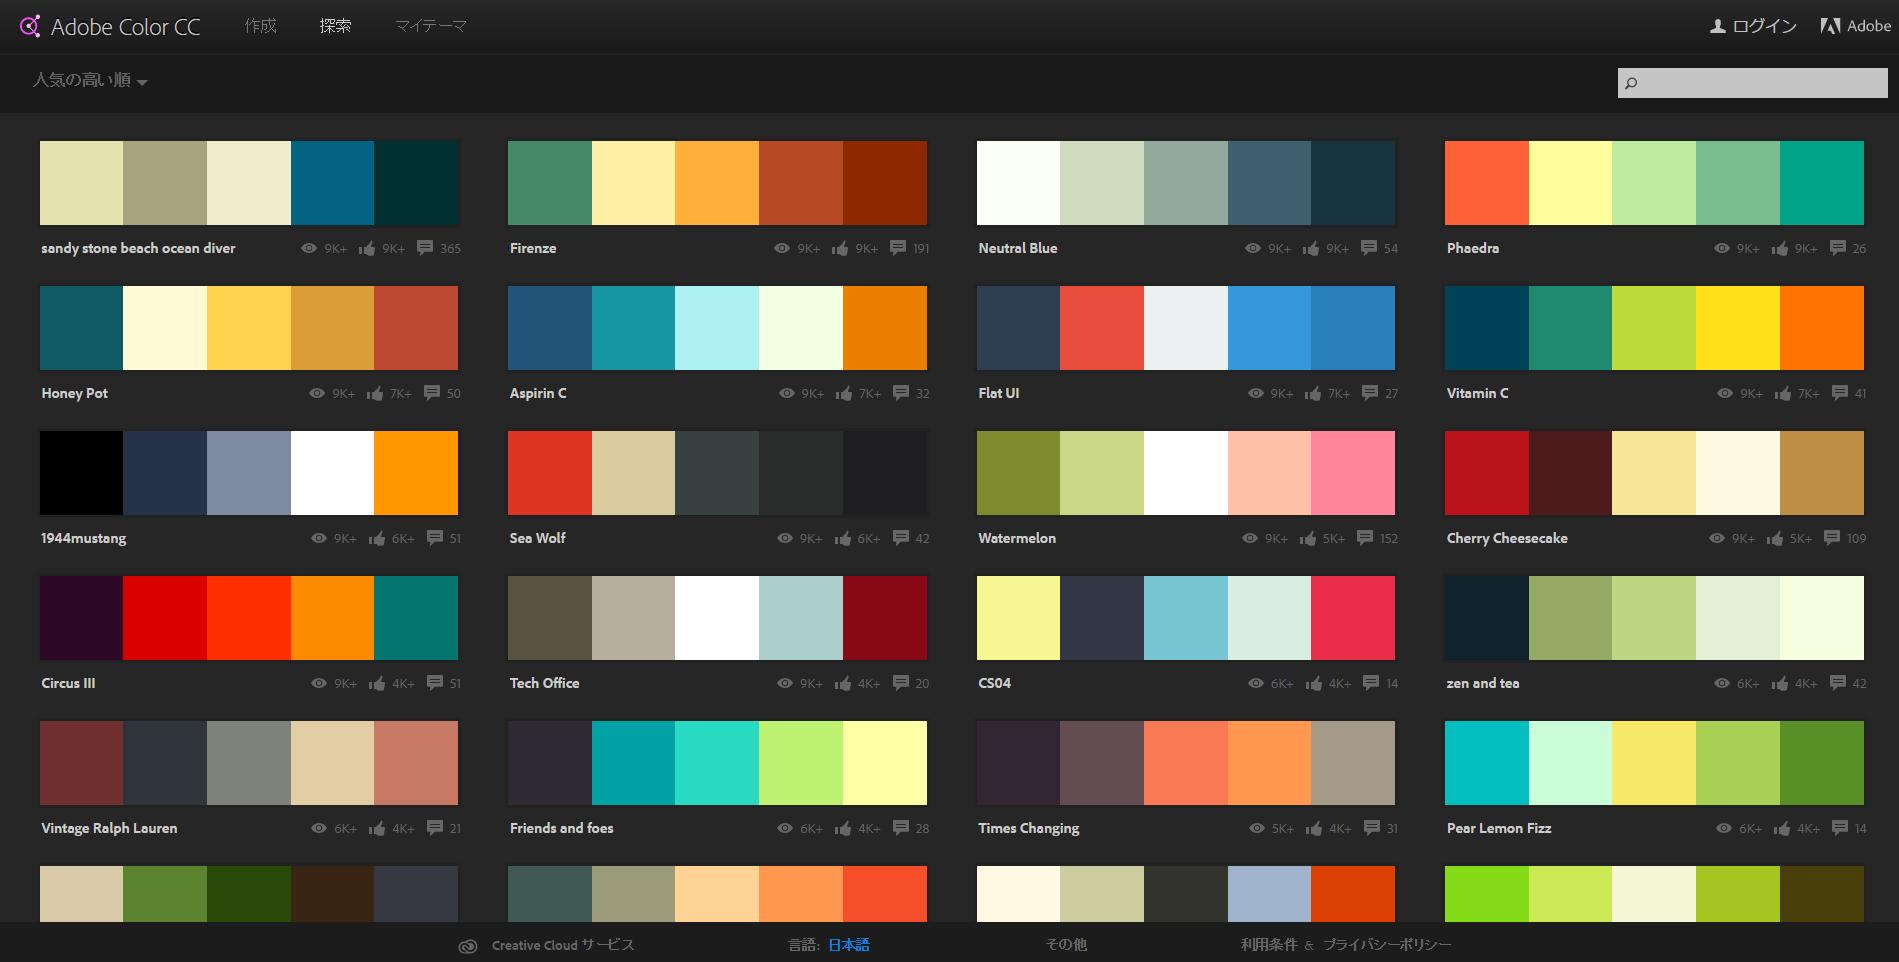 Adobe Color Ccの使い方 画像からカラーパレットが作成できるツール ホームページ大学